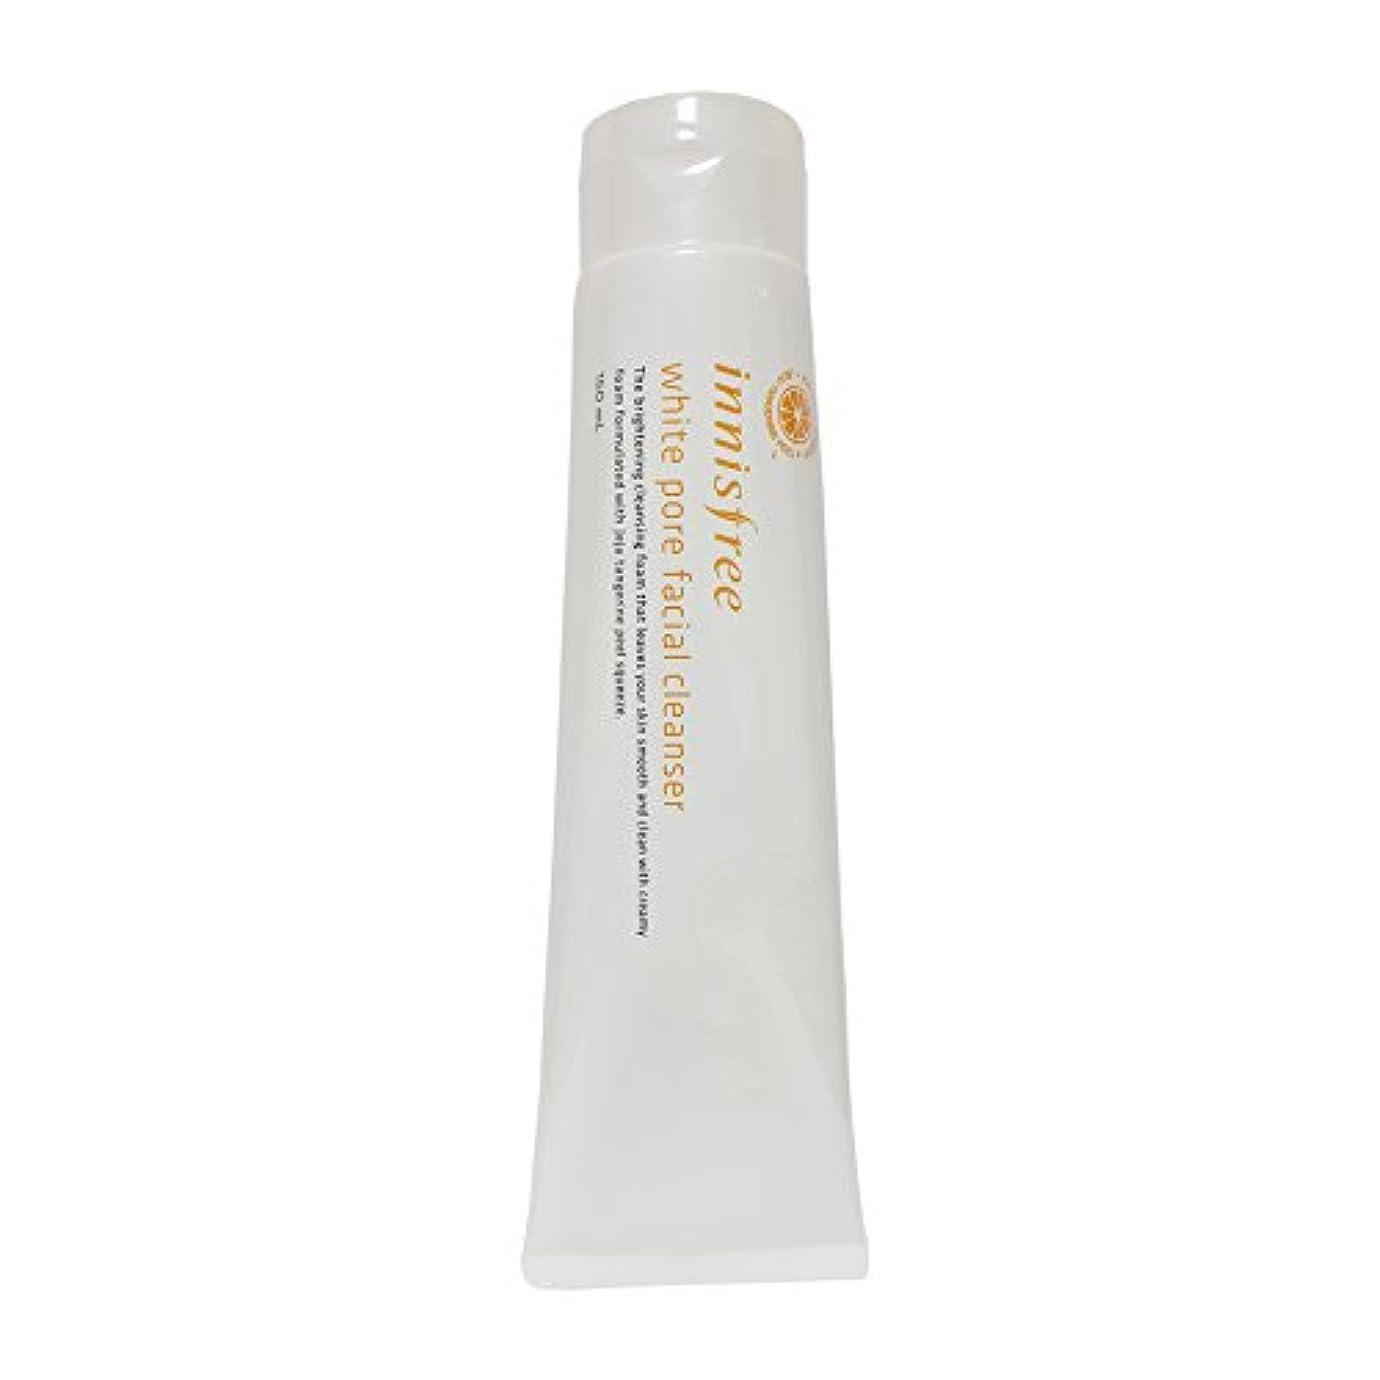 周りまさに編集する[イニスフリー] Innisfree ホワイト毛穴フェイシャルクレンザー (150ml) Innisfree White Pore Facial Cleanser(150ml) [海外直送品]